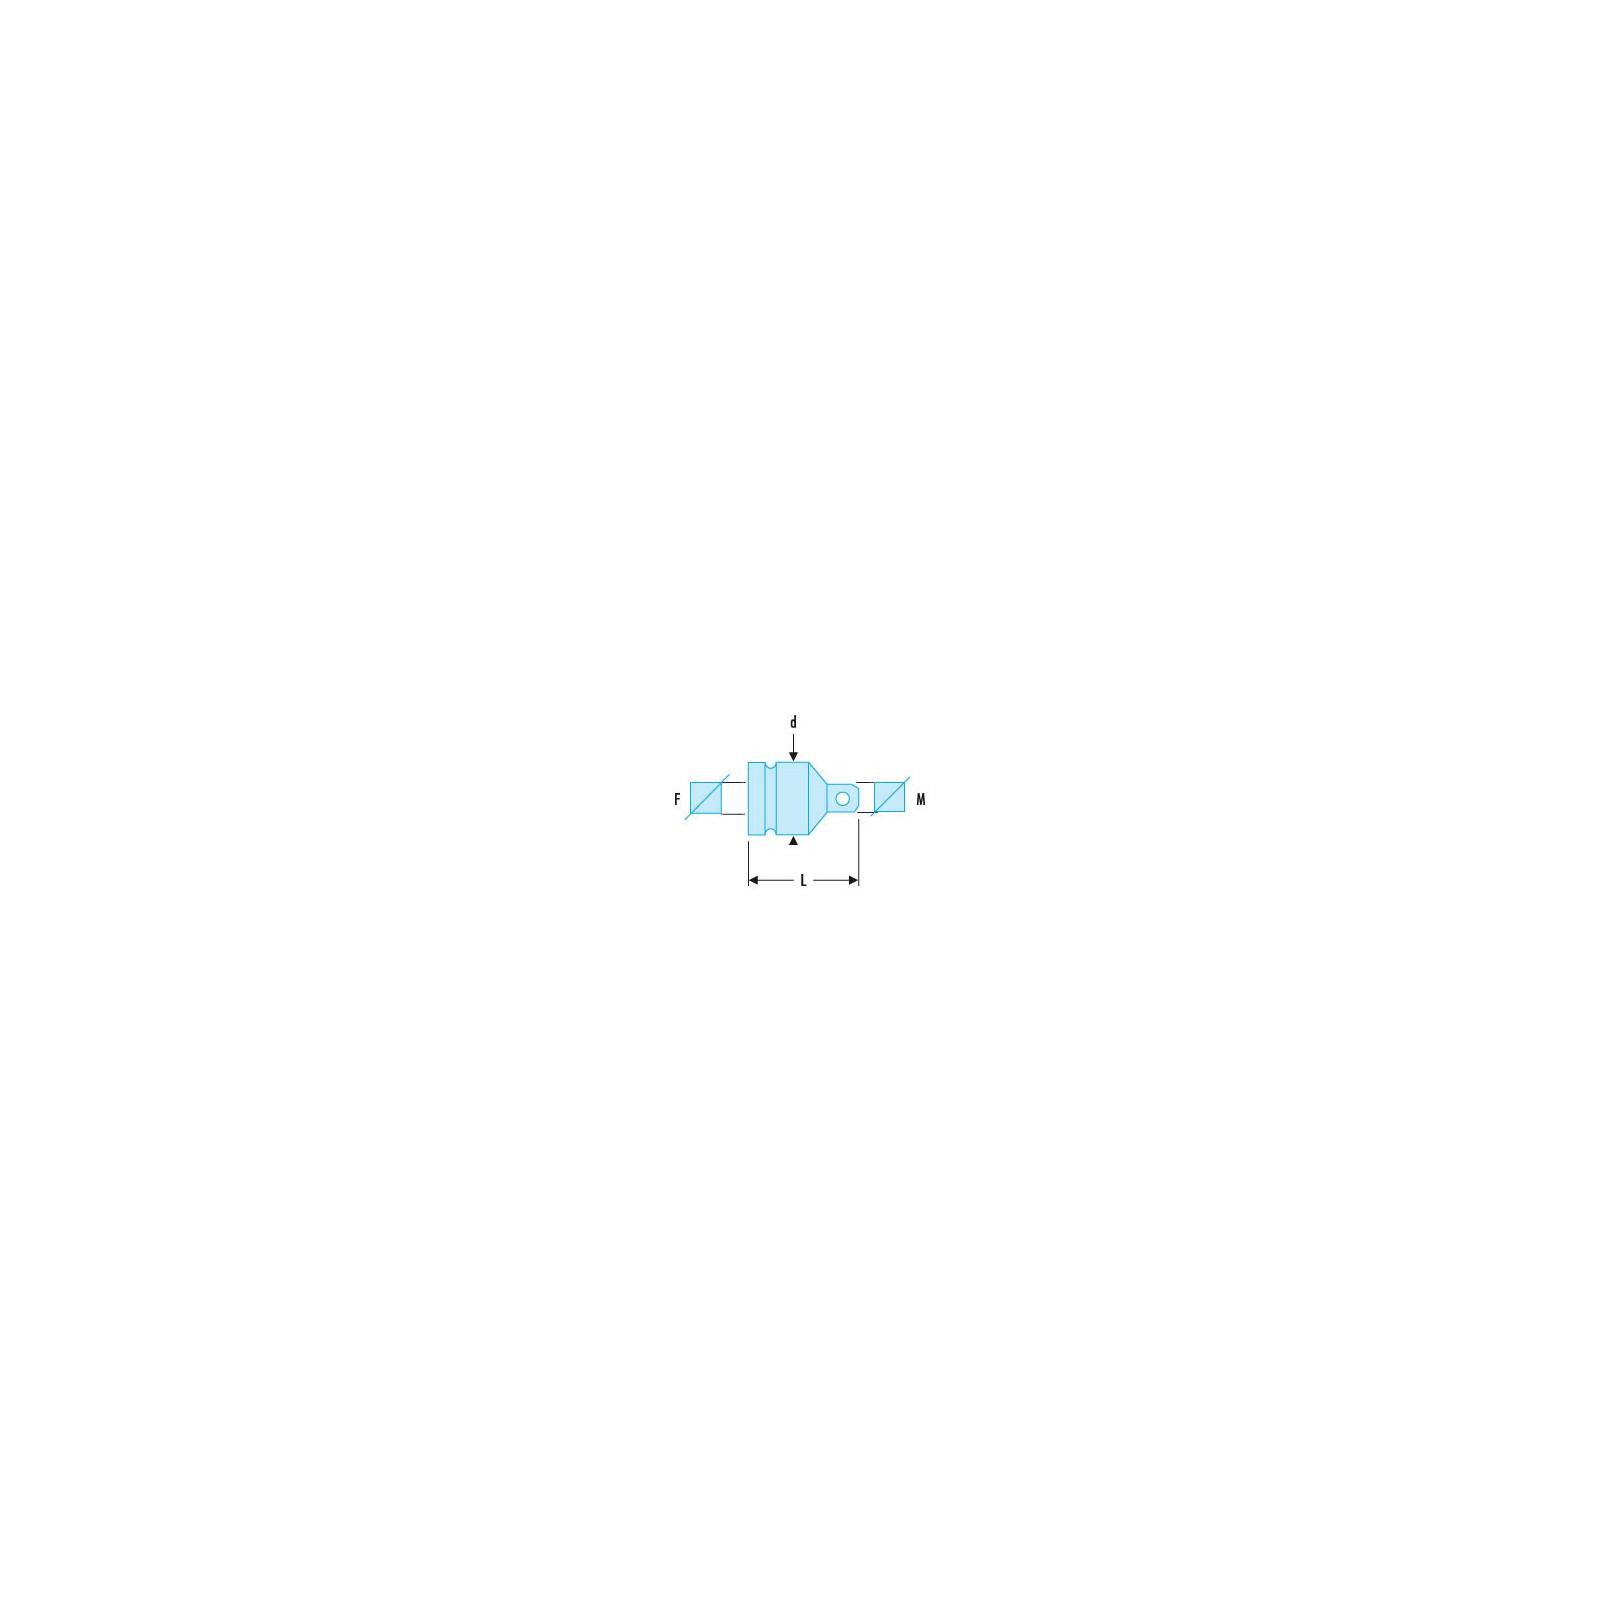 Augmentateur impact 3/8 pour douilles 1/2 - Facom NJ.232A